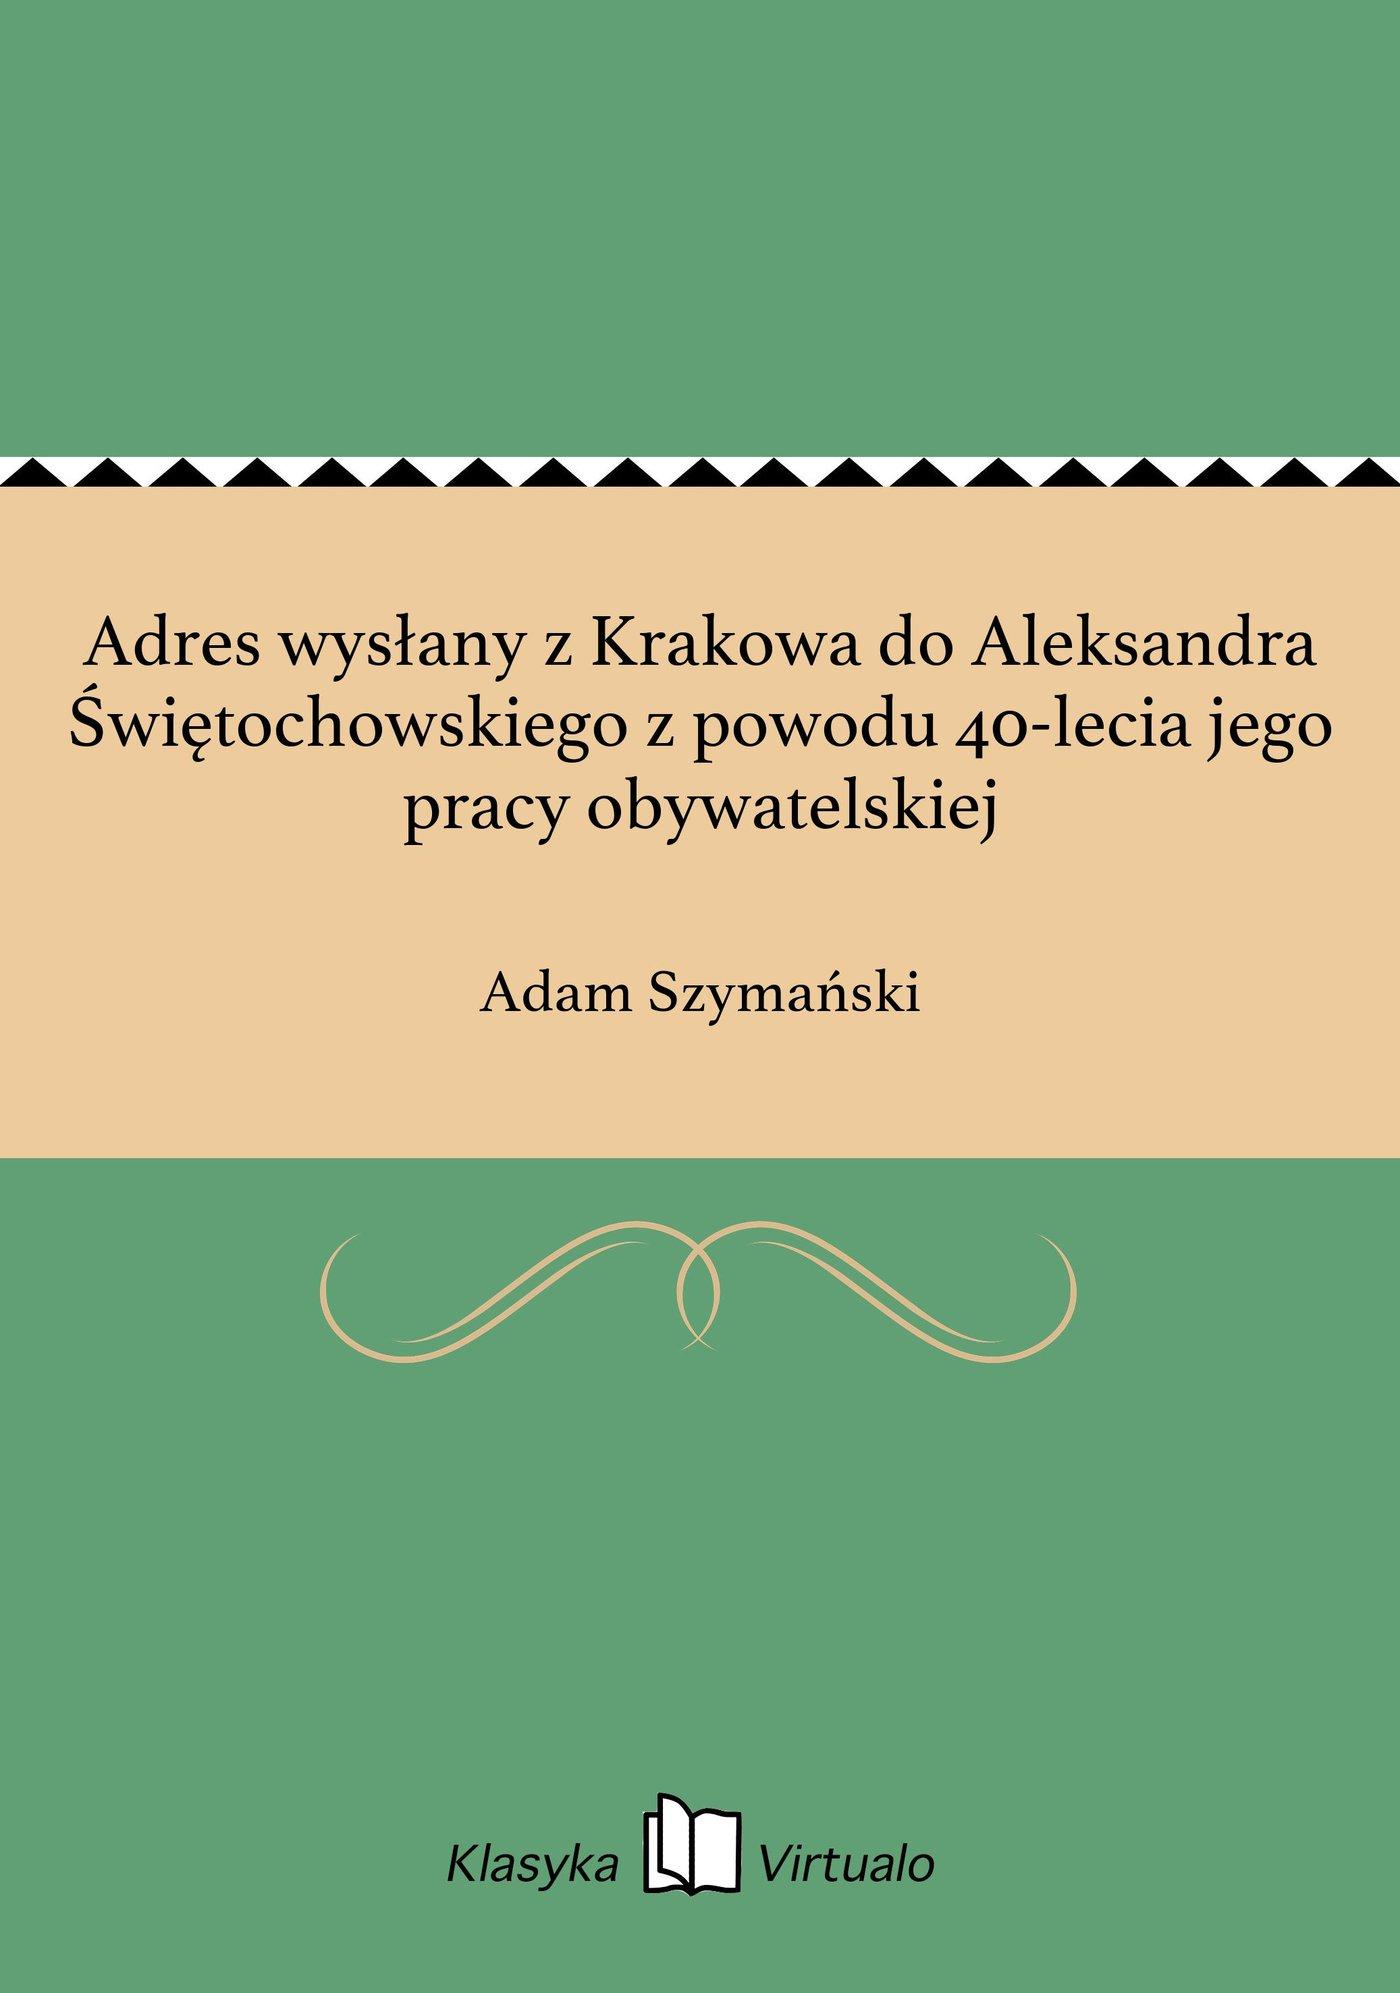 Adres wysłany z Krakowa do Aleksandra Świętochowskiego z powodu 40-lecia jego pracy obywatelskiej - Ebook (Książka EPUB) do pobrania w formacie EPUB